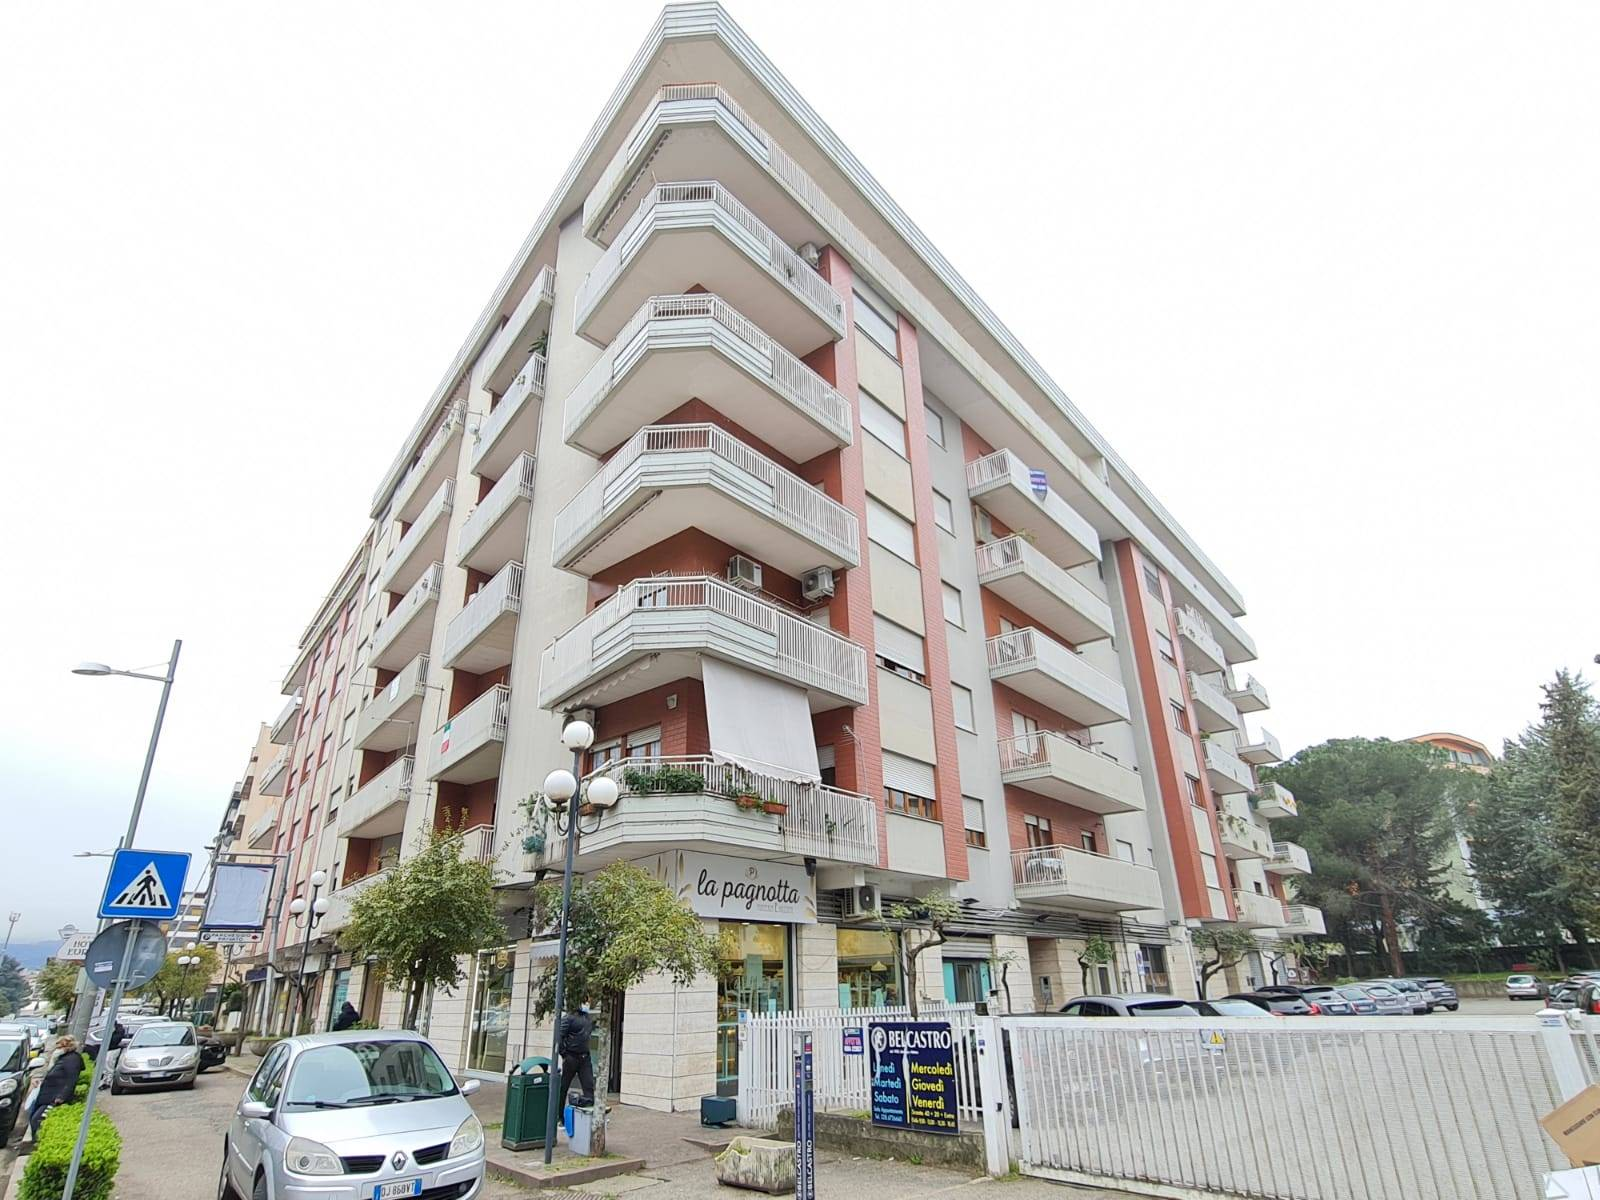 Appartamento in affitto a Rende, 6 locali, zona Zona: Roges, prezzo € 500   CambioCasa.it